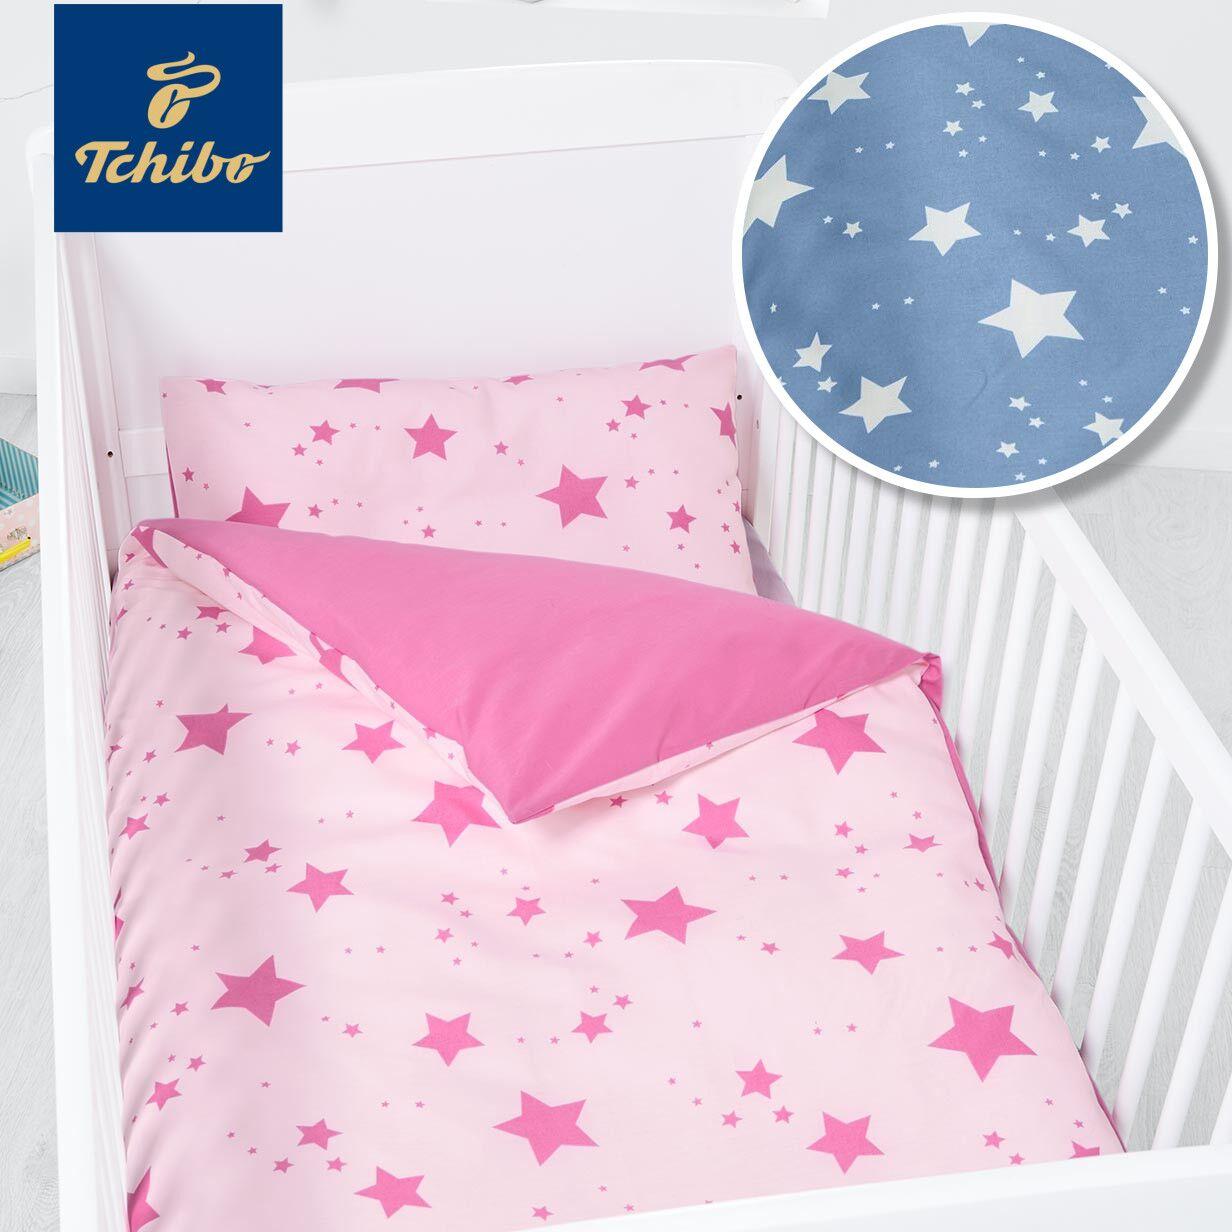 tchibo wendebettwäsche in rosa oder blau mit Sternen